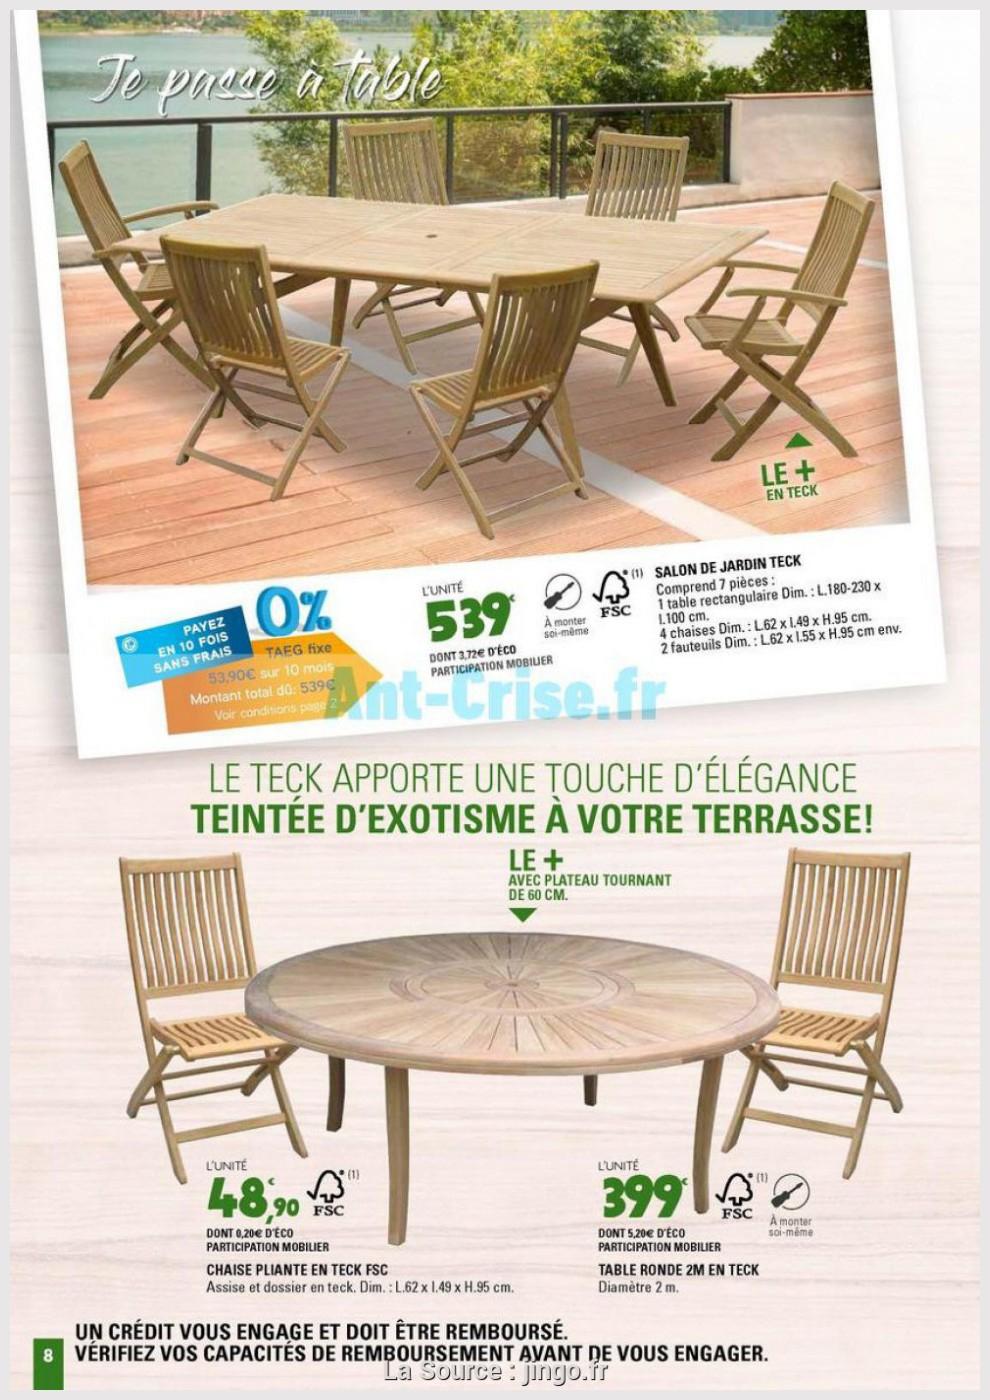 Jardin Belle Teck De Leclerc 2M 8 Table Ronde Sjzplugqmv pour Mobilier De Jardin Leclerc